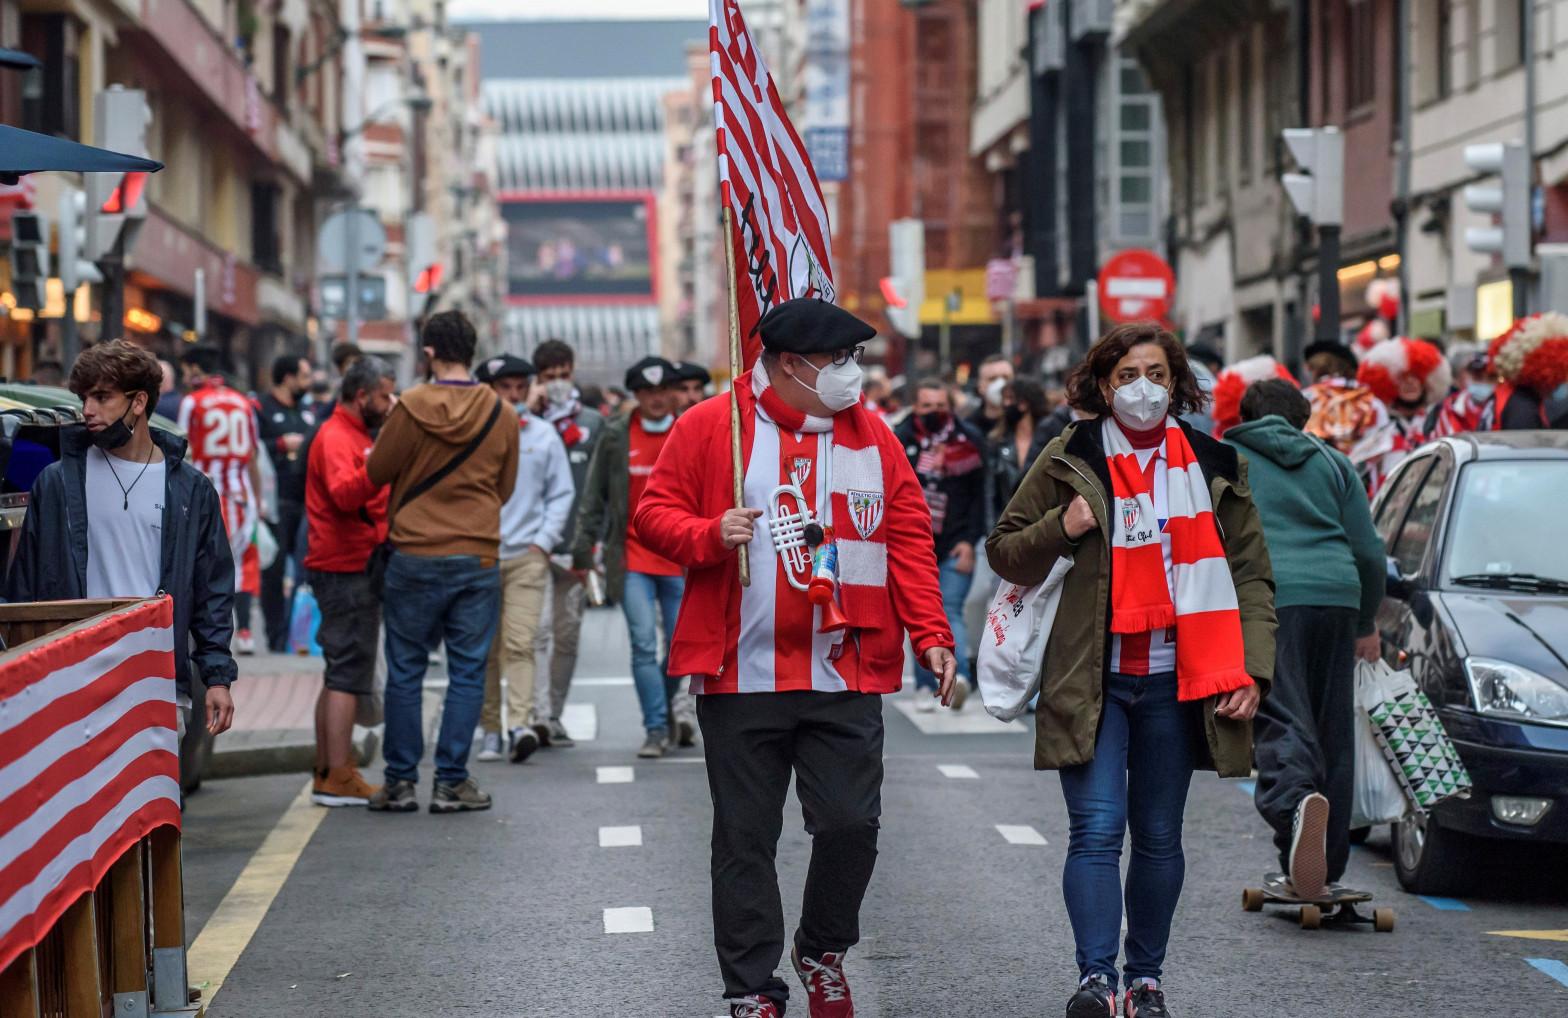 Una joven resulta herida en Bilbao en los disturbios provocados por aficionados del Athletic